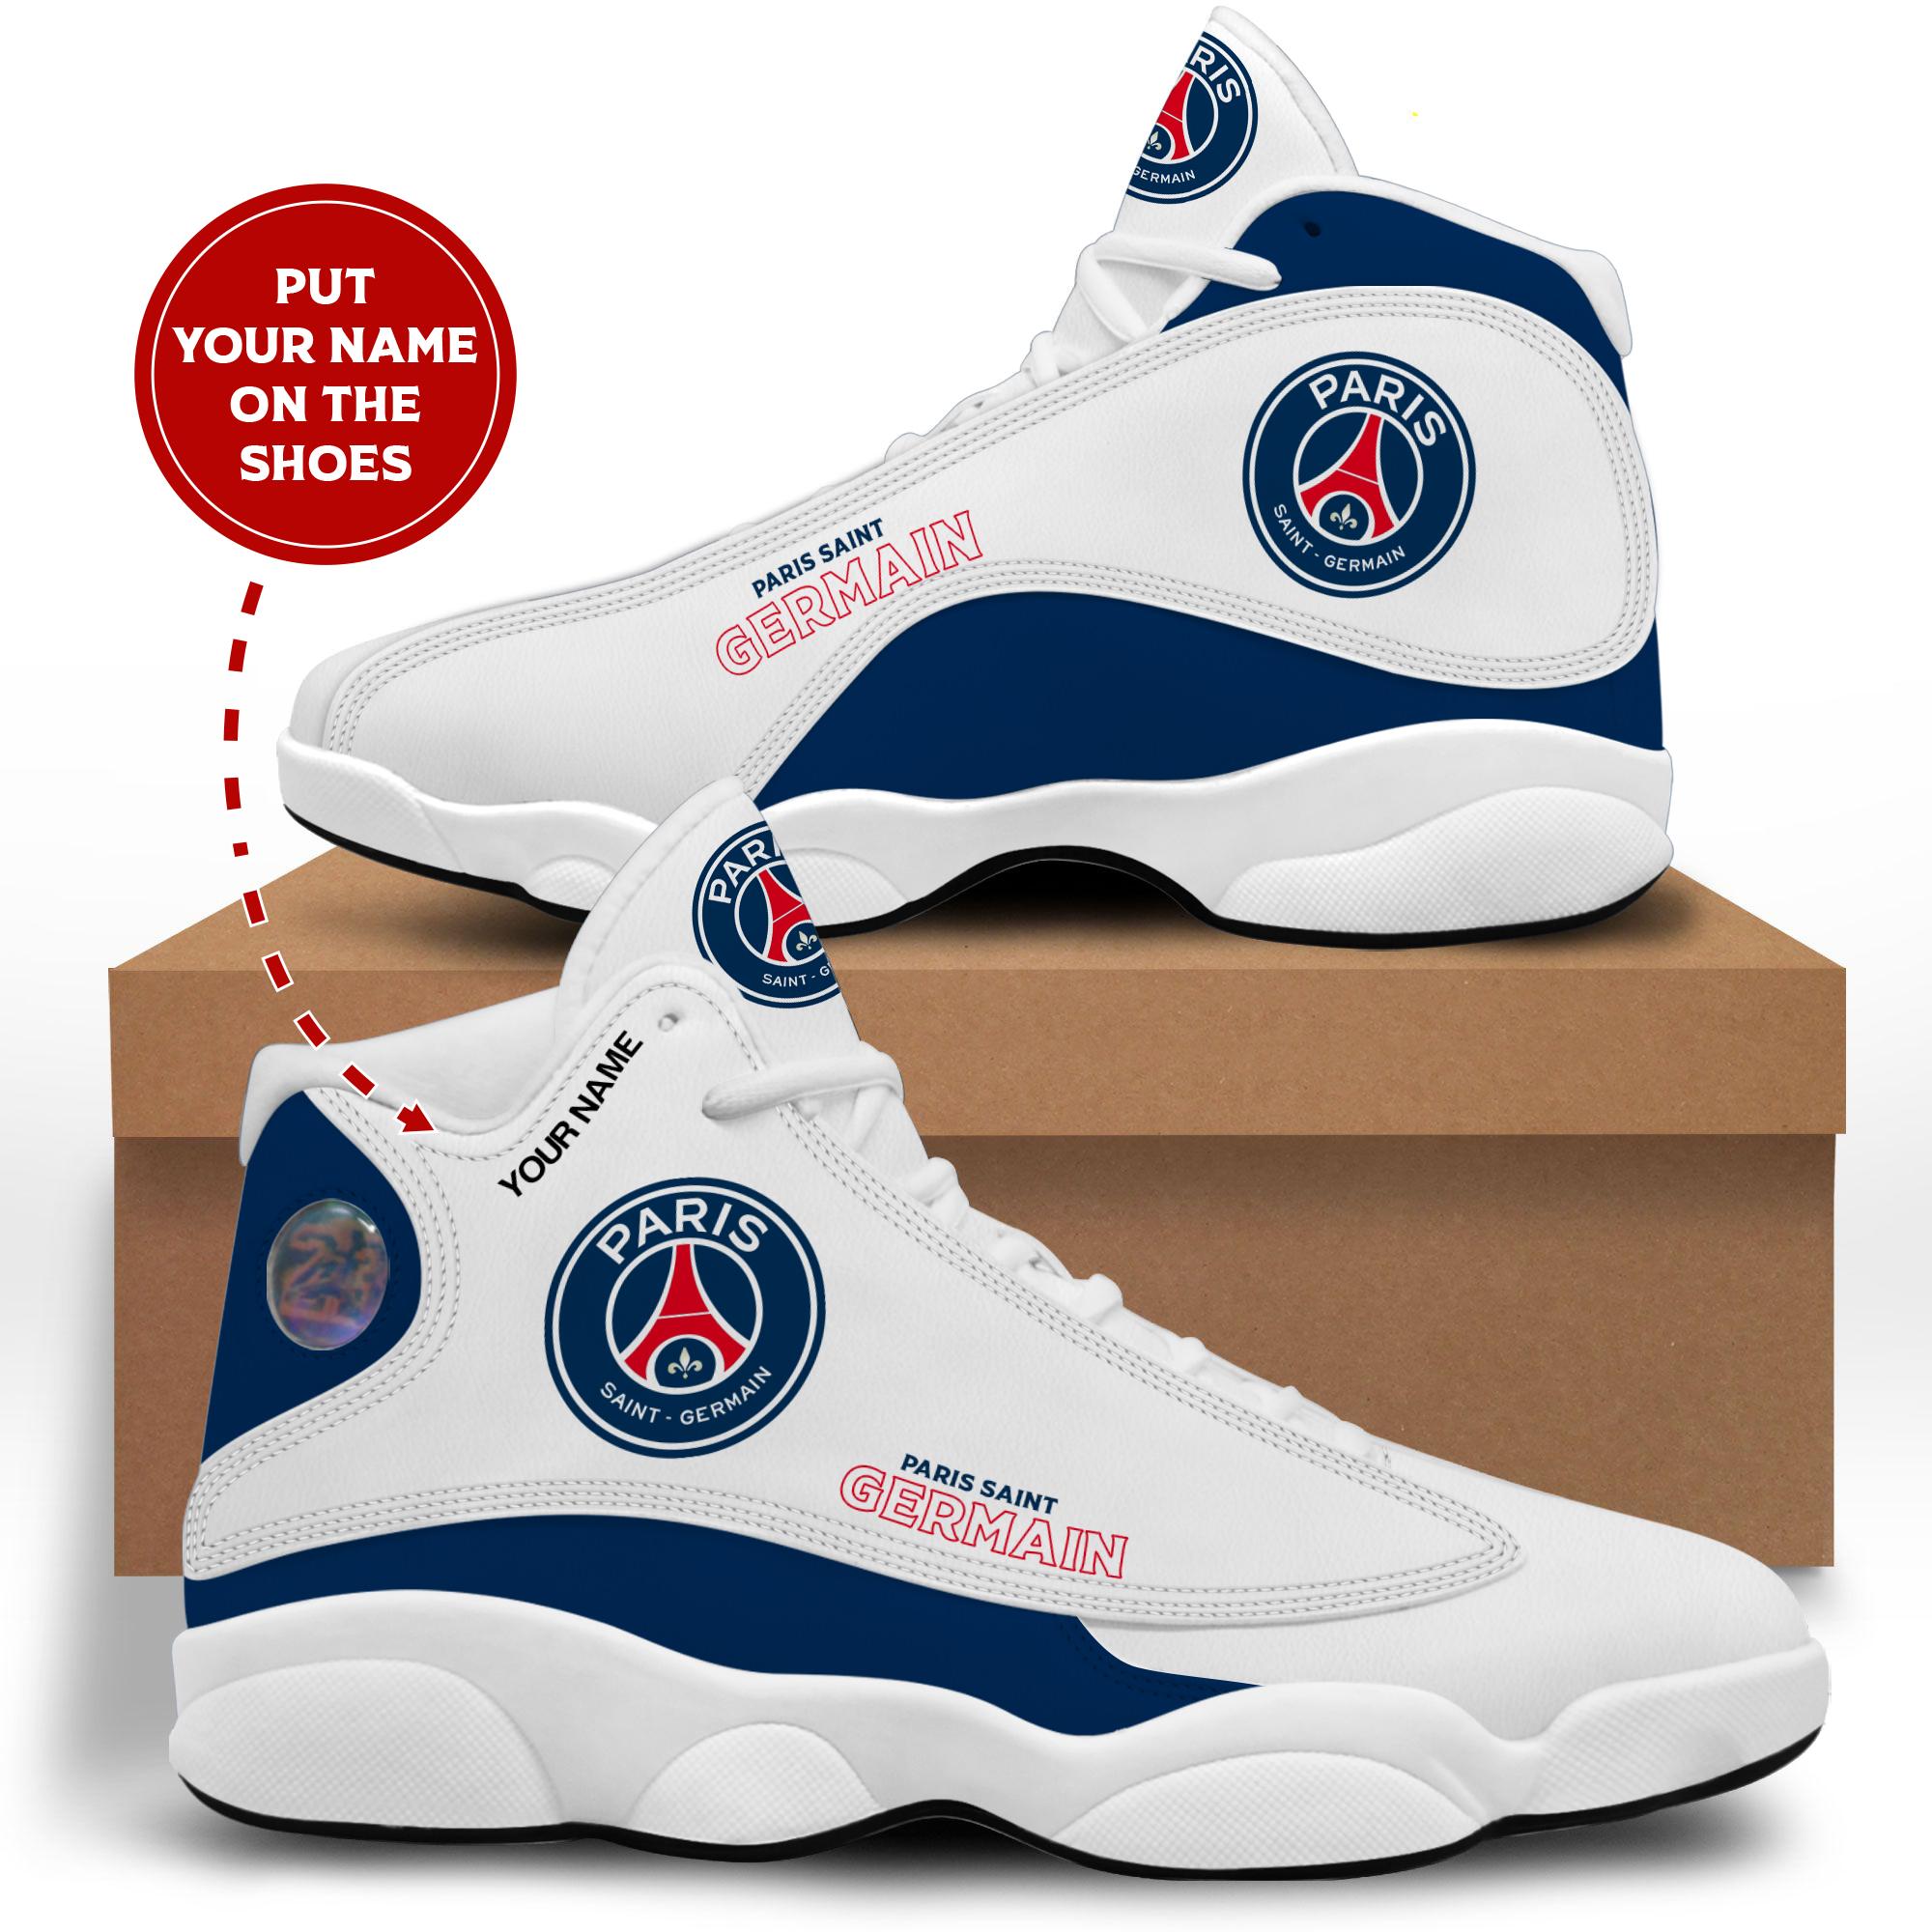 Paris Saint Germain custom name shoes air jordan high top 11